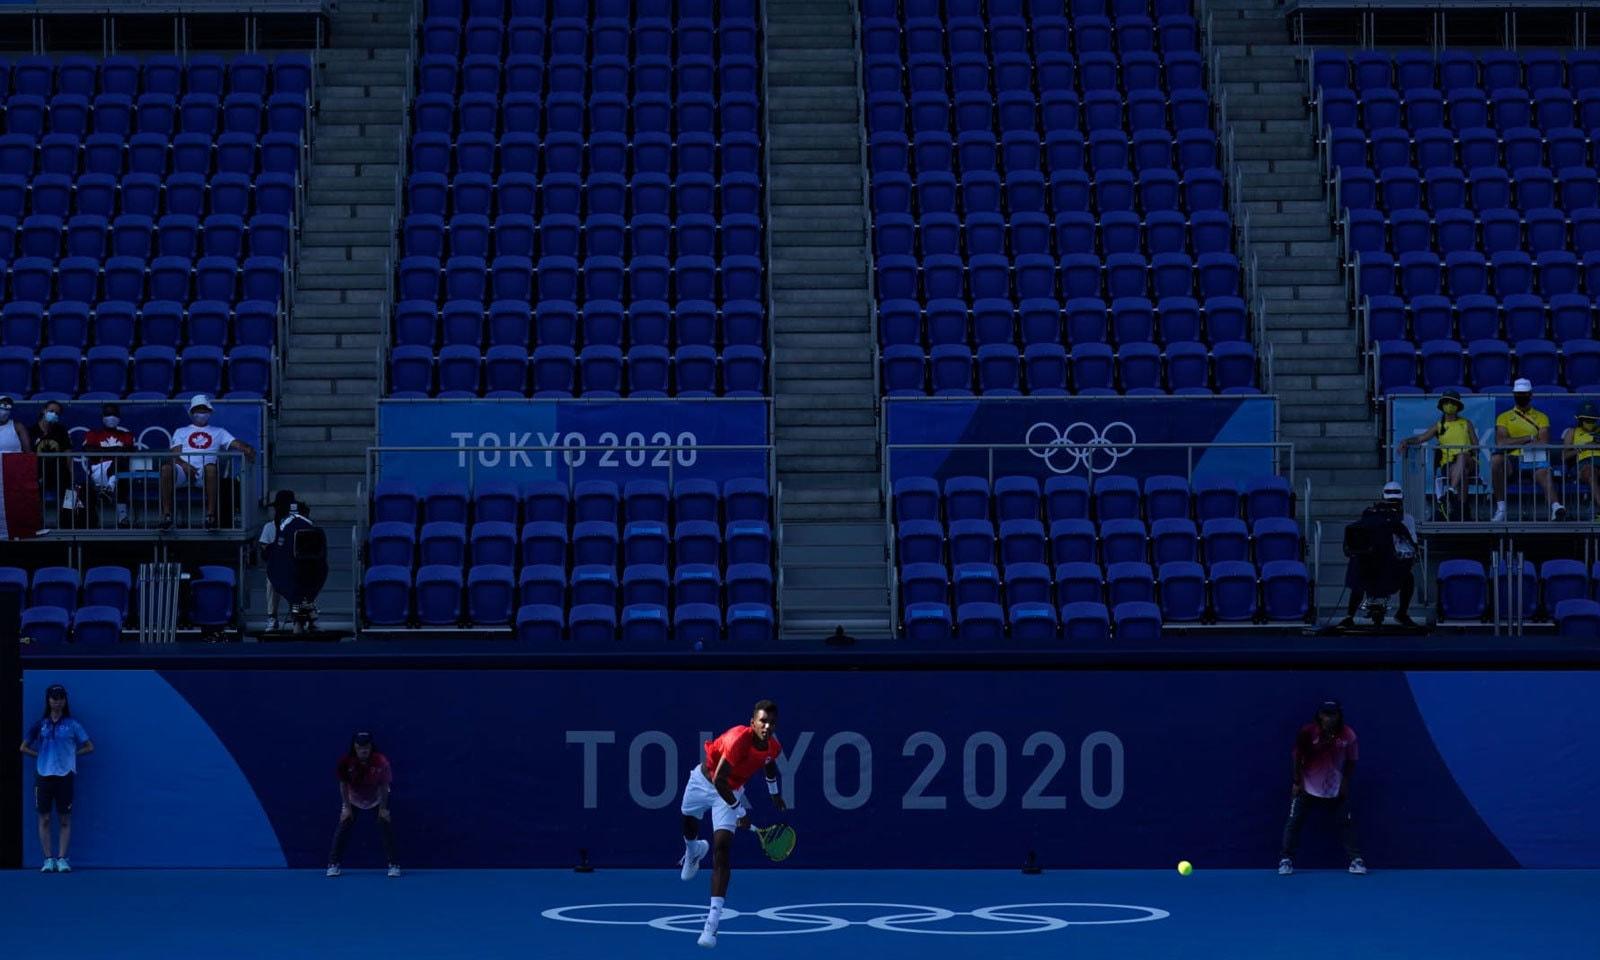 اولمپکس میں کینیڈا اور آسٹریلیا کے درمیان ٹینس مقابلہ ہوا—فوٹو: اے پی